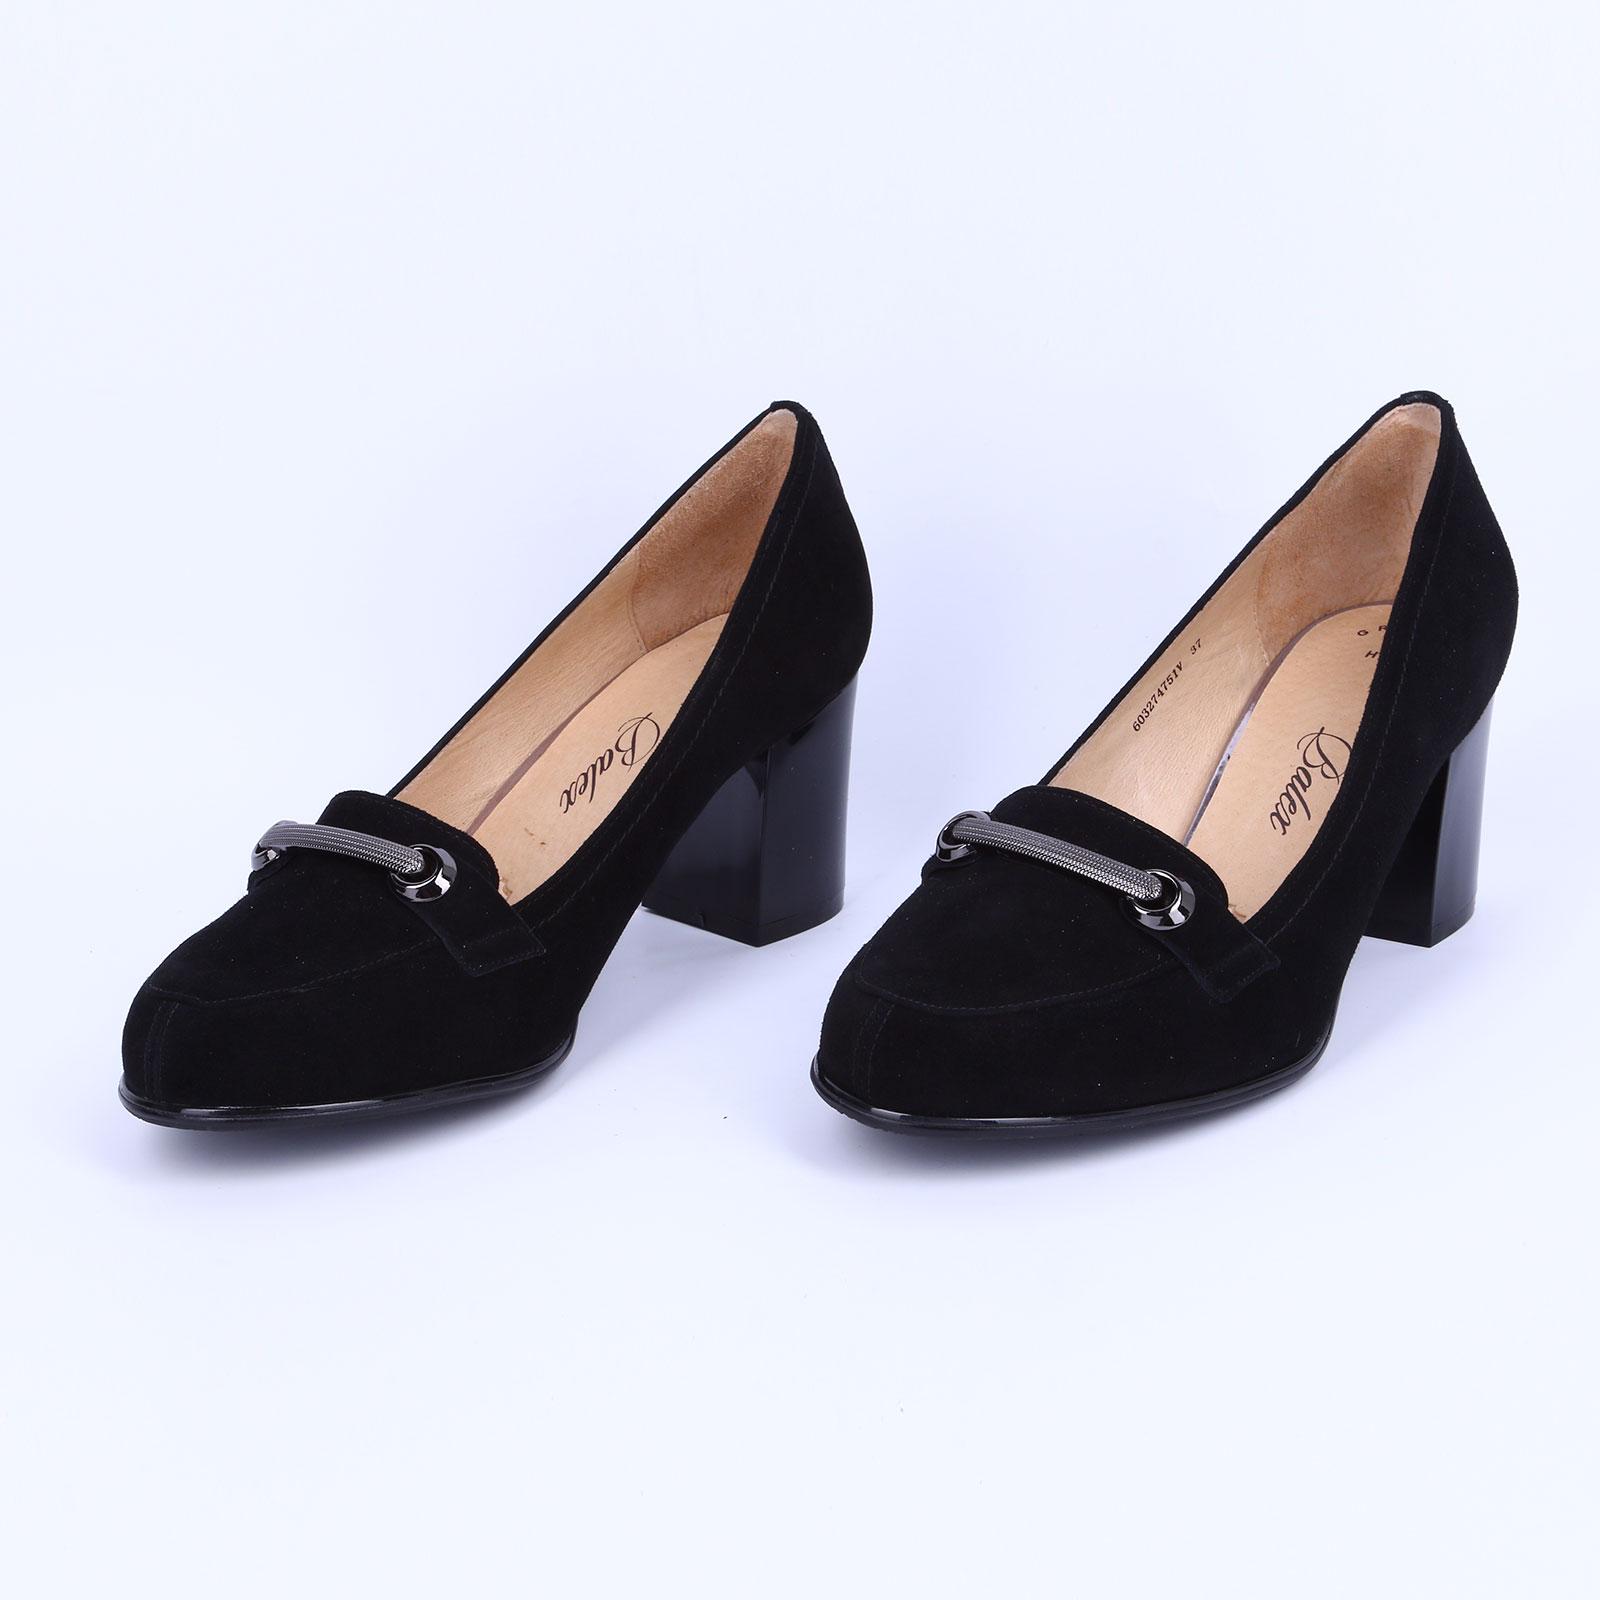 Туфли женские велюровые на каблуке